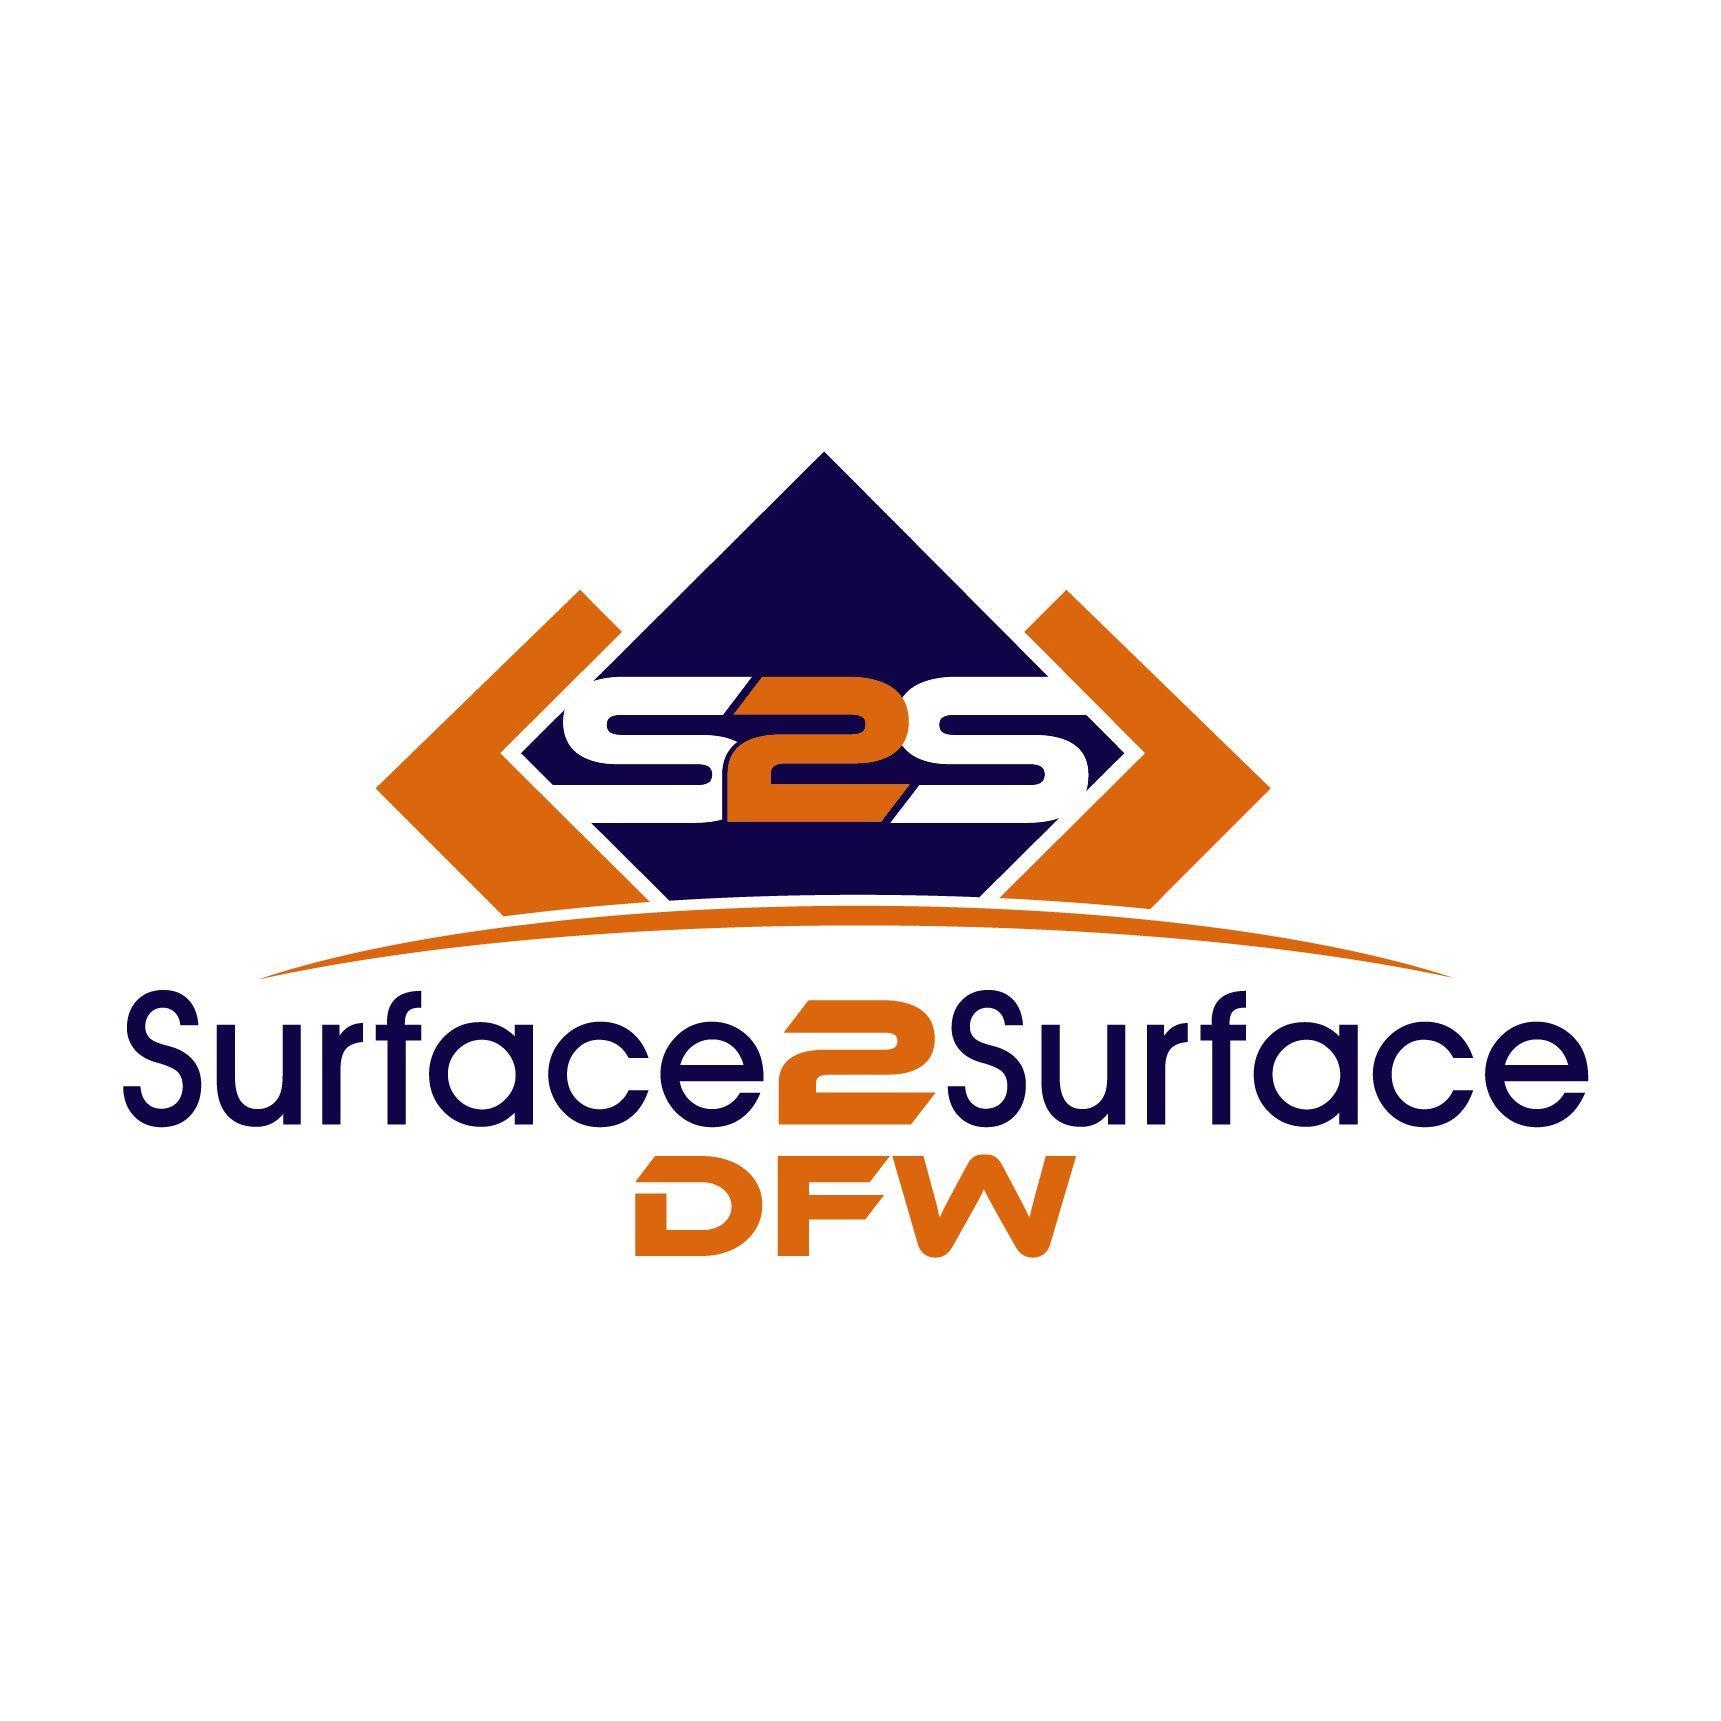 Surface 2 Surface DFW - Lewisville, TX - Concrete, Brick & Stone